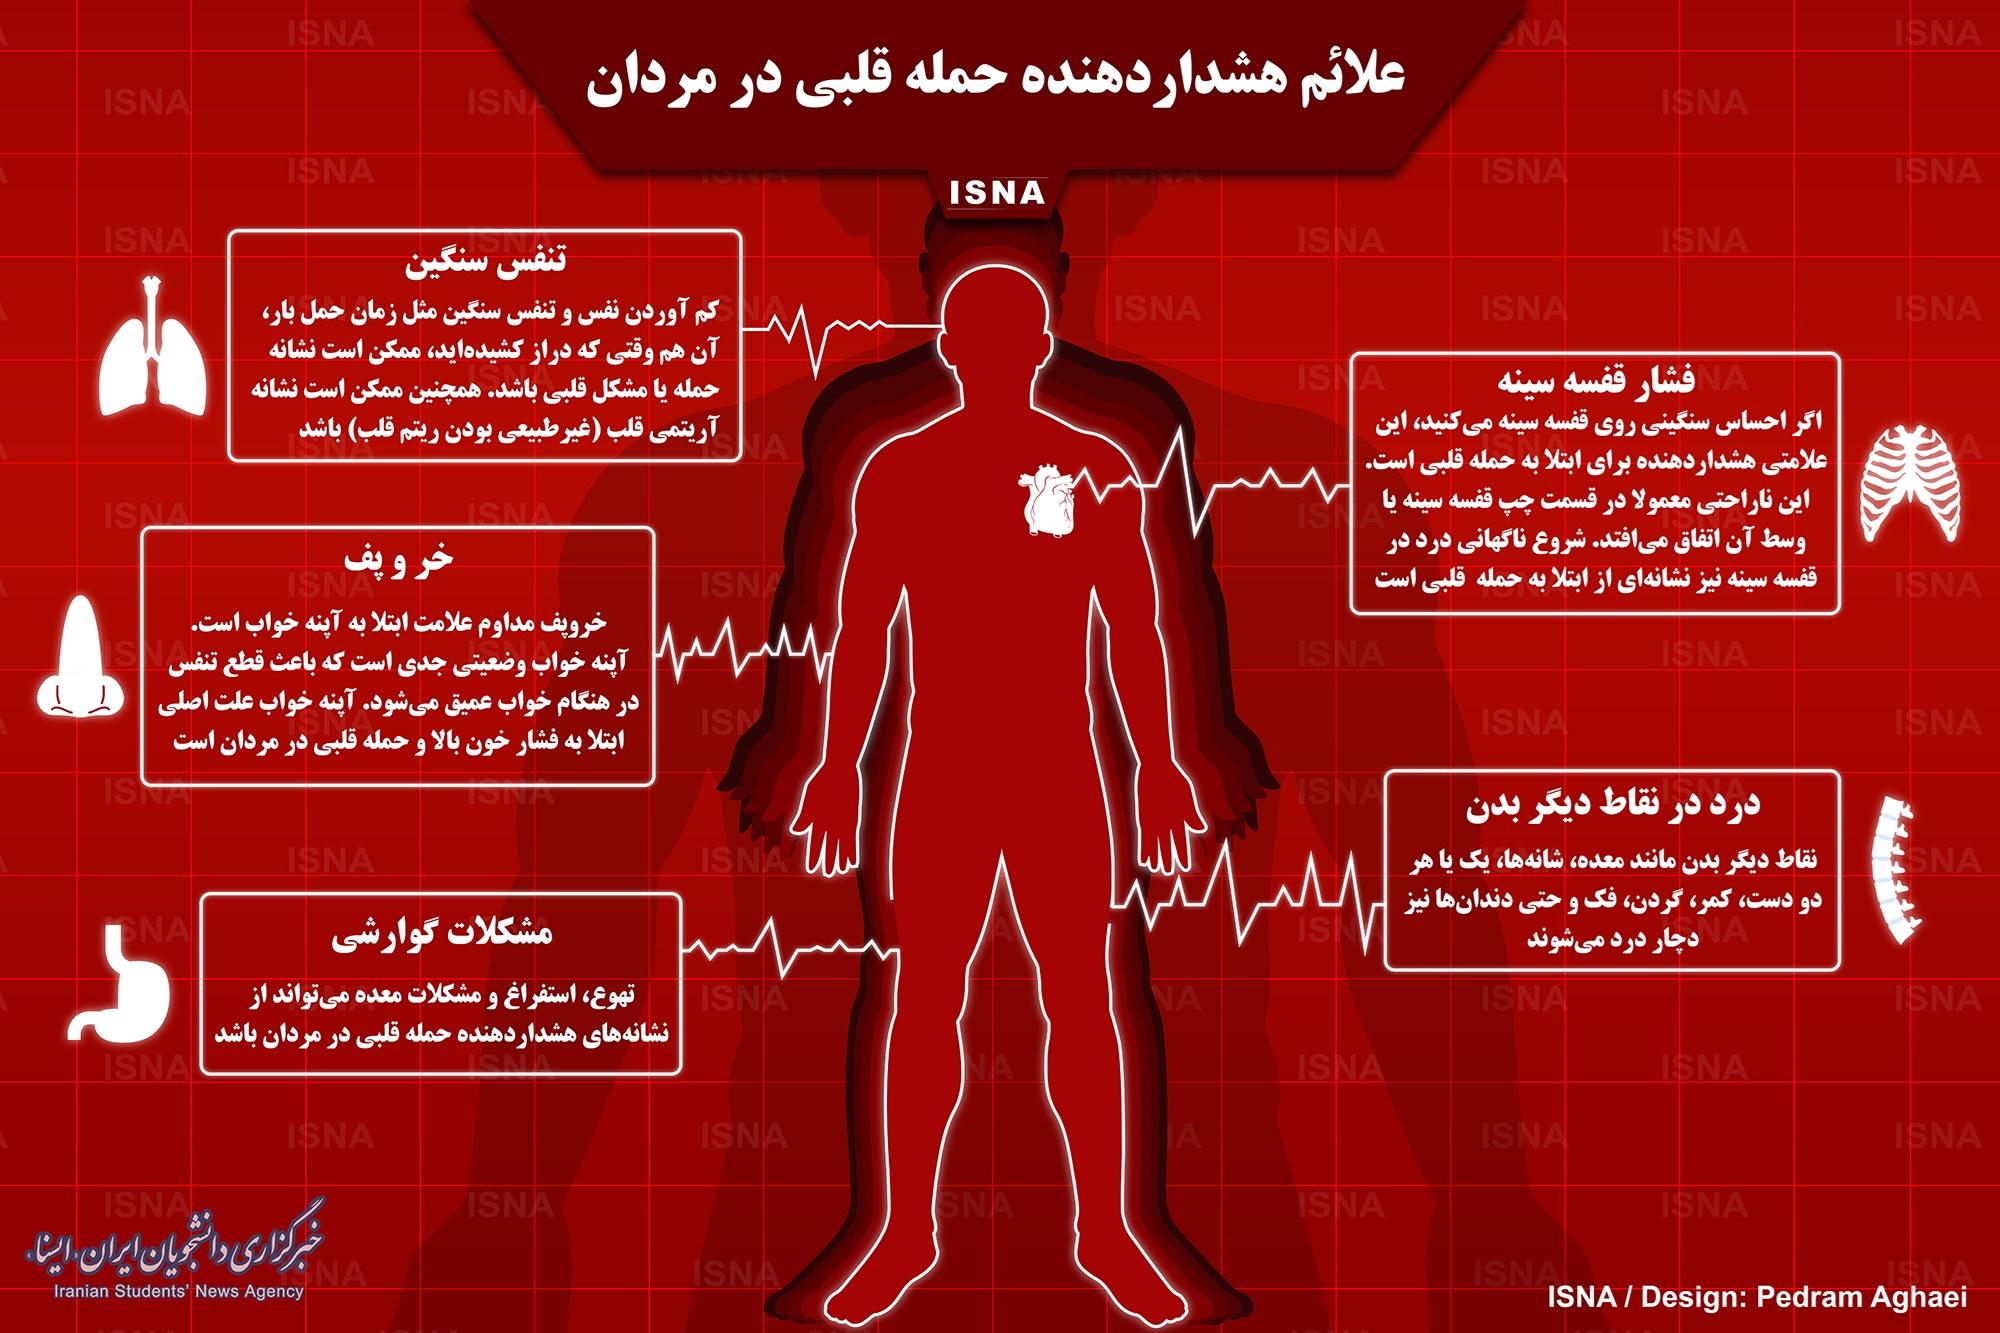 اینفوگرافیک/ اگر این علایم را دارید، در معرض حمله قلبی هستید!